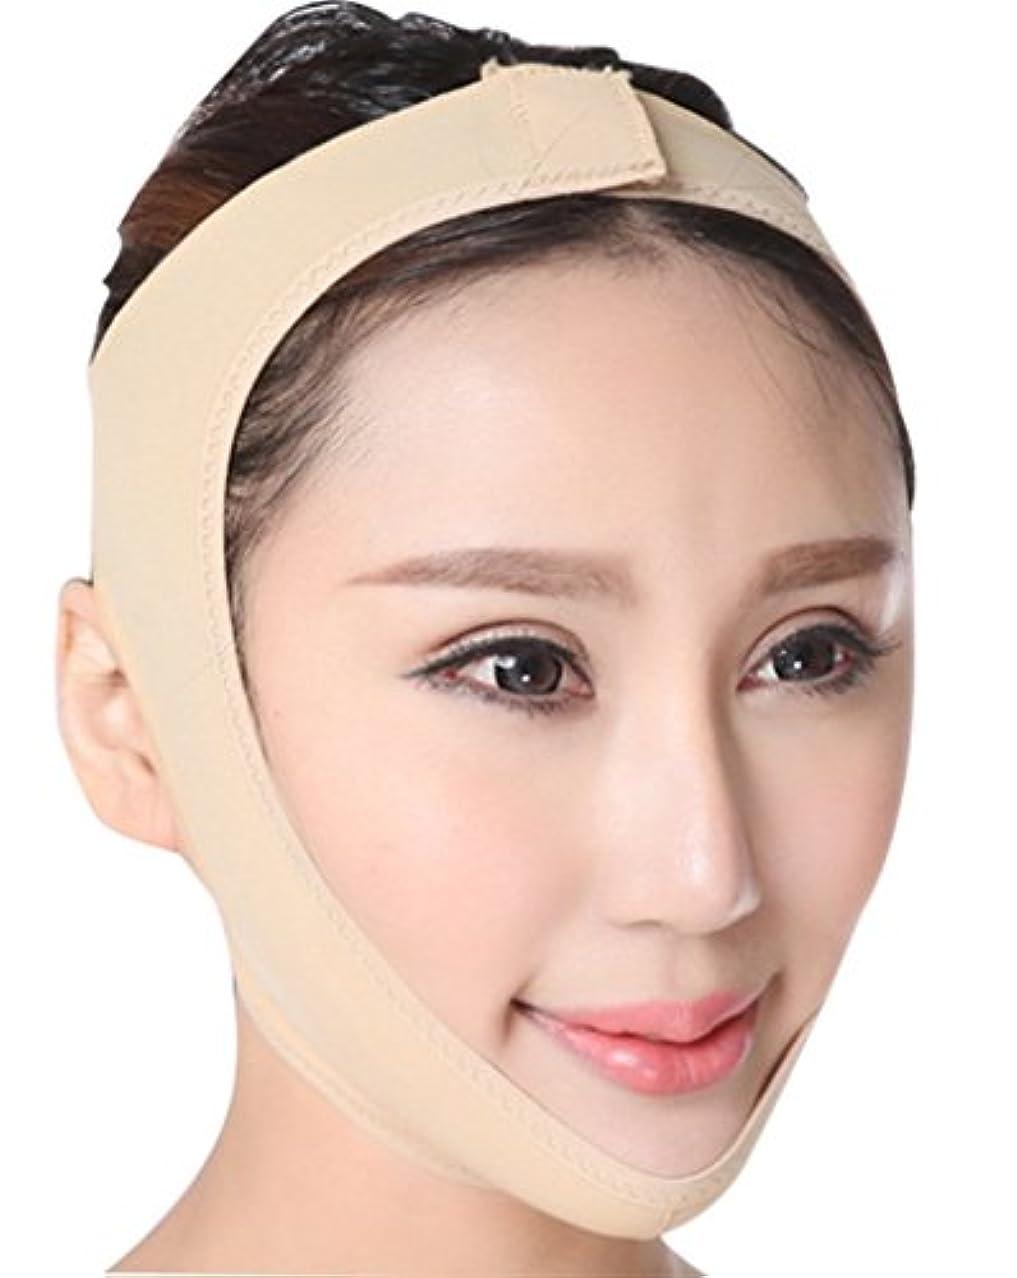 いう航空会社マーケティングフェイスラインベルト M/L/XLサイズ 抗シワ 額、顎下、頬リフトアップ 小顔 美顔 頬のたるみ 引き上げマスク XL